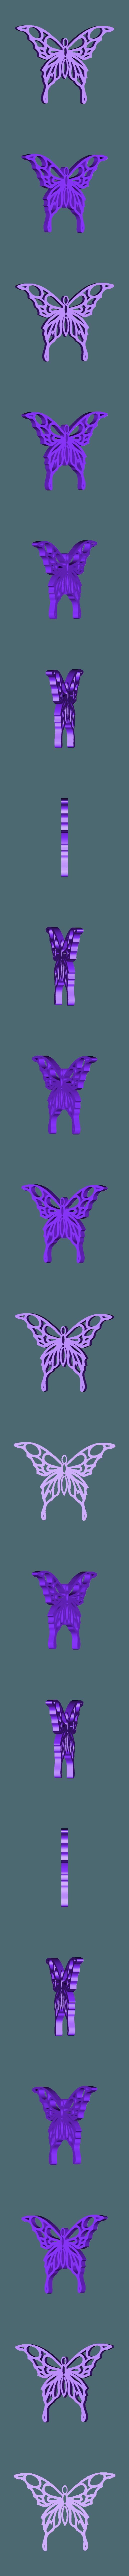 Pendentif Papillon.stl Télécharger fichier STL gratuit Pendentif Papillon • Objet pour impression 3D, oasisk